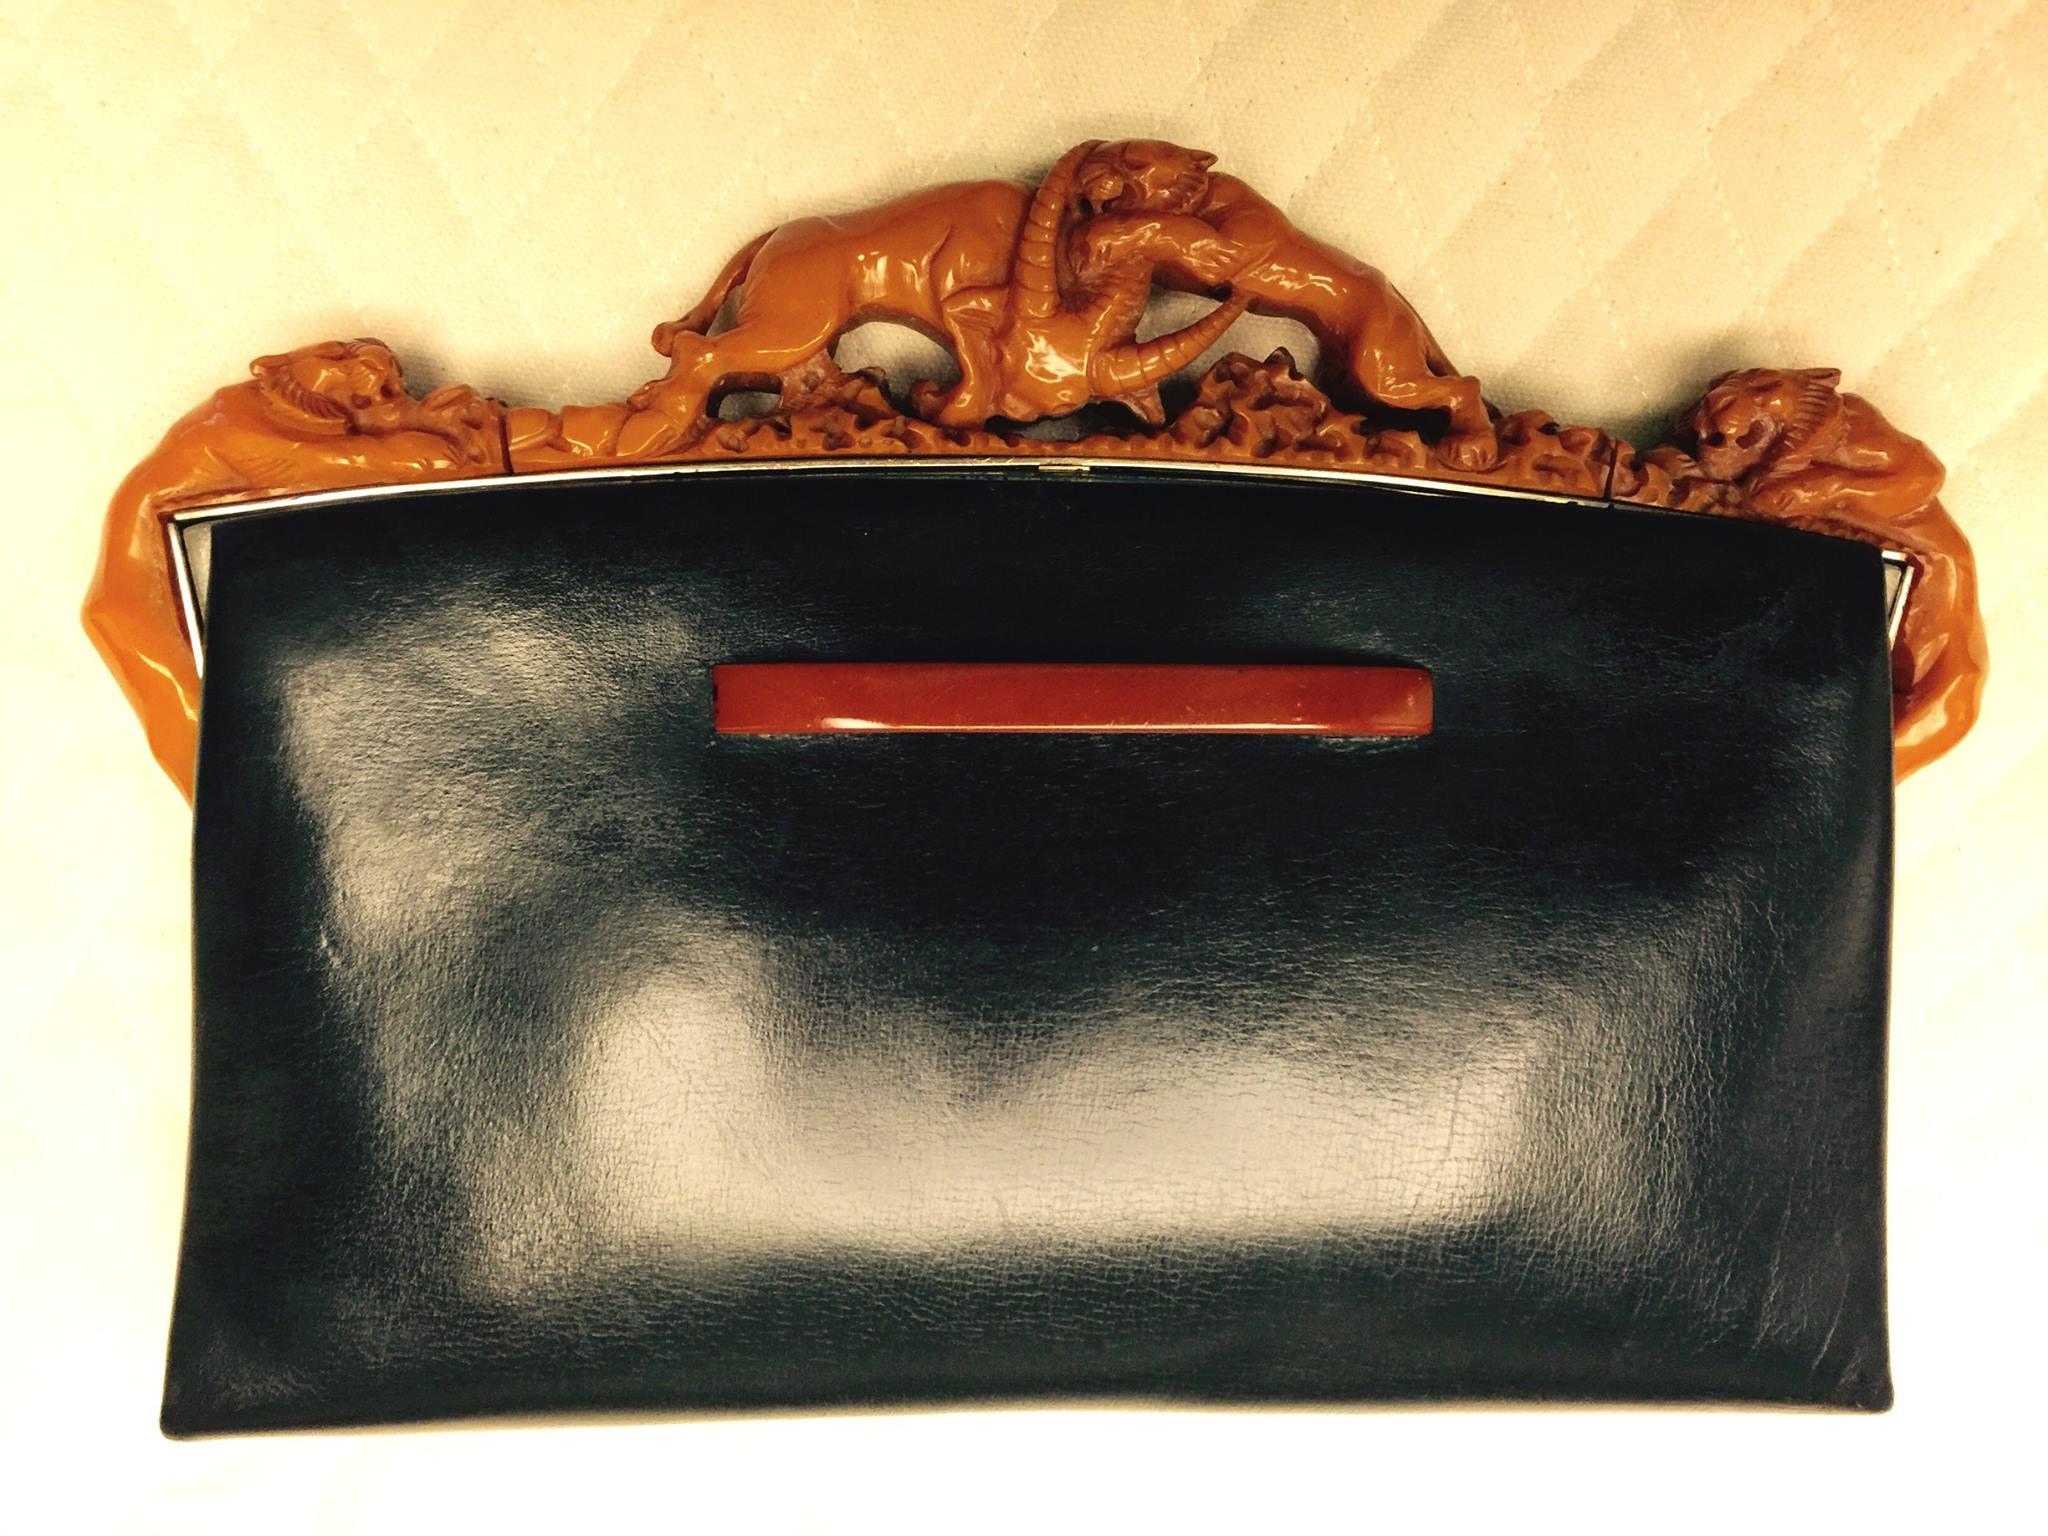 Bakelite jaguars clutch